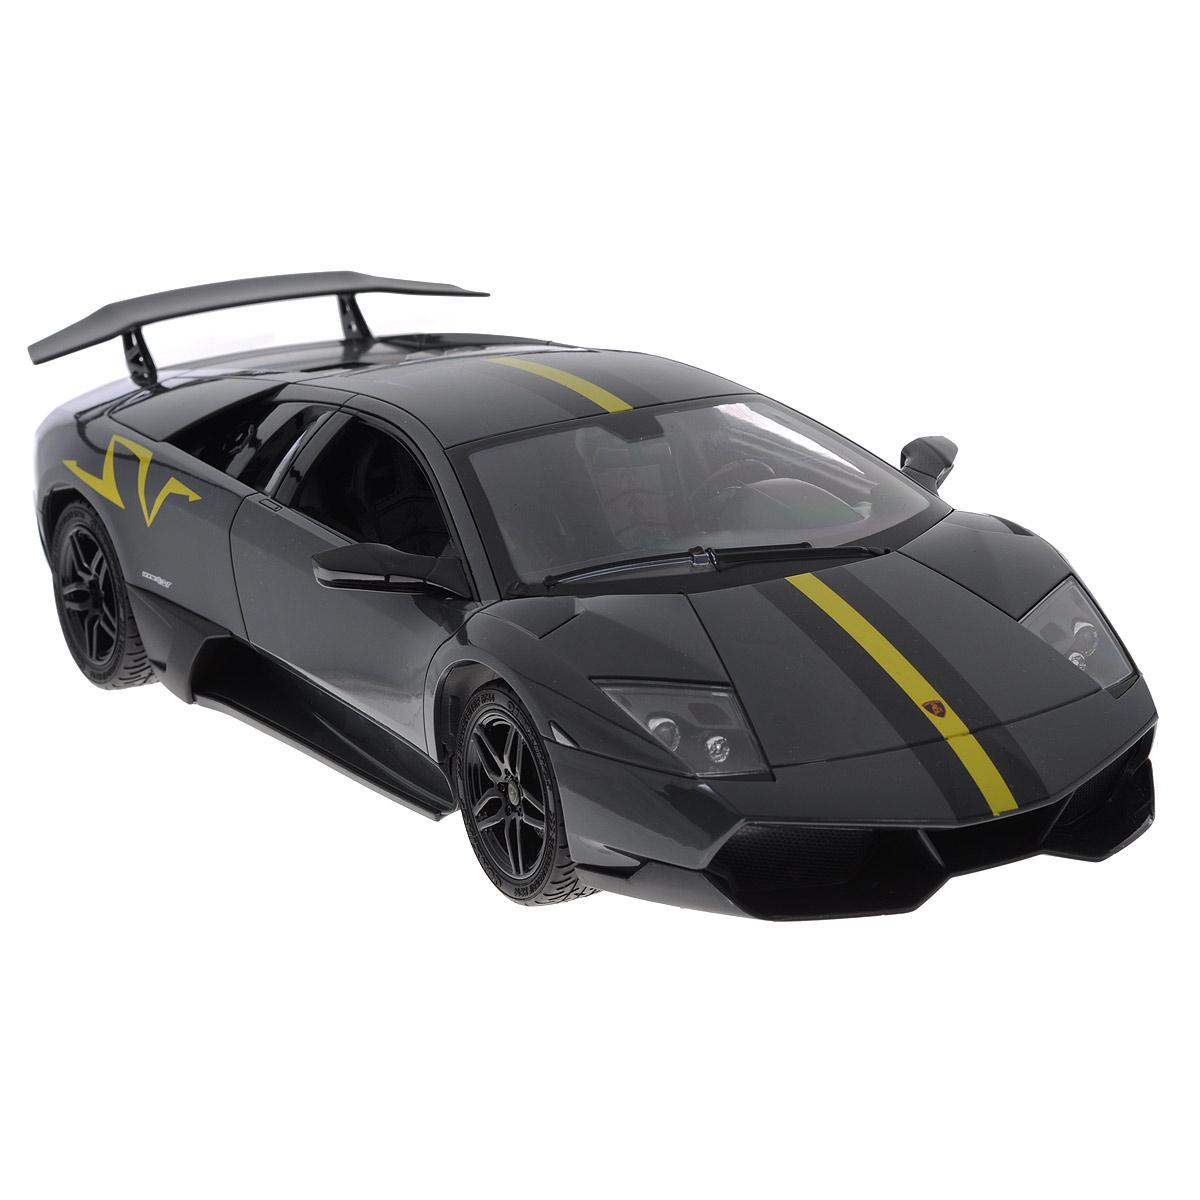 TopGear Радиоуправляемая модель Lamborghini Murcielago LP 670-4 цвет темно-серыйТ56682_серыйРадиоуправляемая модель TopGear Lamborghini Murcielago LP 670-4 привлечет внимание не только ребенка, но и взрослого и станет отличным подарком любителю гонок. Машинка является точной уменьшенной копией автомобиля в масштабе 1:14. Машинка изготовлена из прочного легкого пластика, шины выполнены из мягкой резины. Фары машины светятся. Машинка при помощи пульта управления может перемещаться вперед, дает задний ход, поворачивает влево и вправо, останавливается. В комплект входит машинка, пульт управления, блок питания, аккумулятор и 2 батарейки типа AA 1,5V Ваш ребенок часами будет играть с моделью, придумывая различные истории и устраивая соревнования. Порадуйте его таким замечательным подарком! УВАЖАЕМЫЕ КЛИЕНТЫ! Обращаем ваше внимание на тот факт, что для работы игрушки рекомендуется докупить 2 батарейки типа АА 1,5V для пульта управления (в комплект входят демонстрационные).